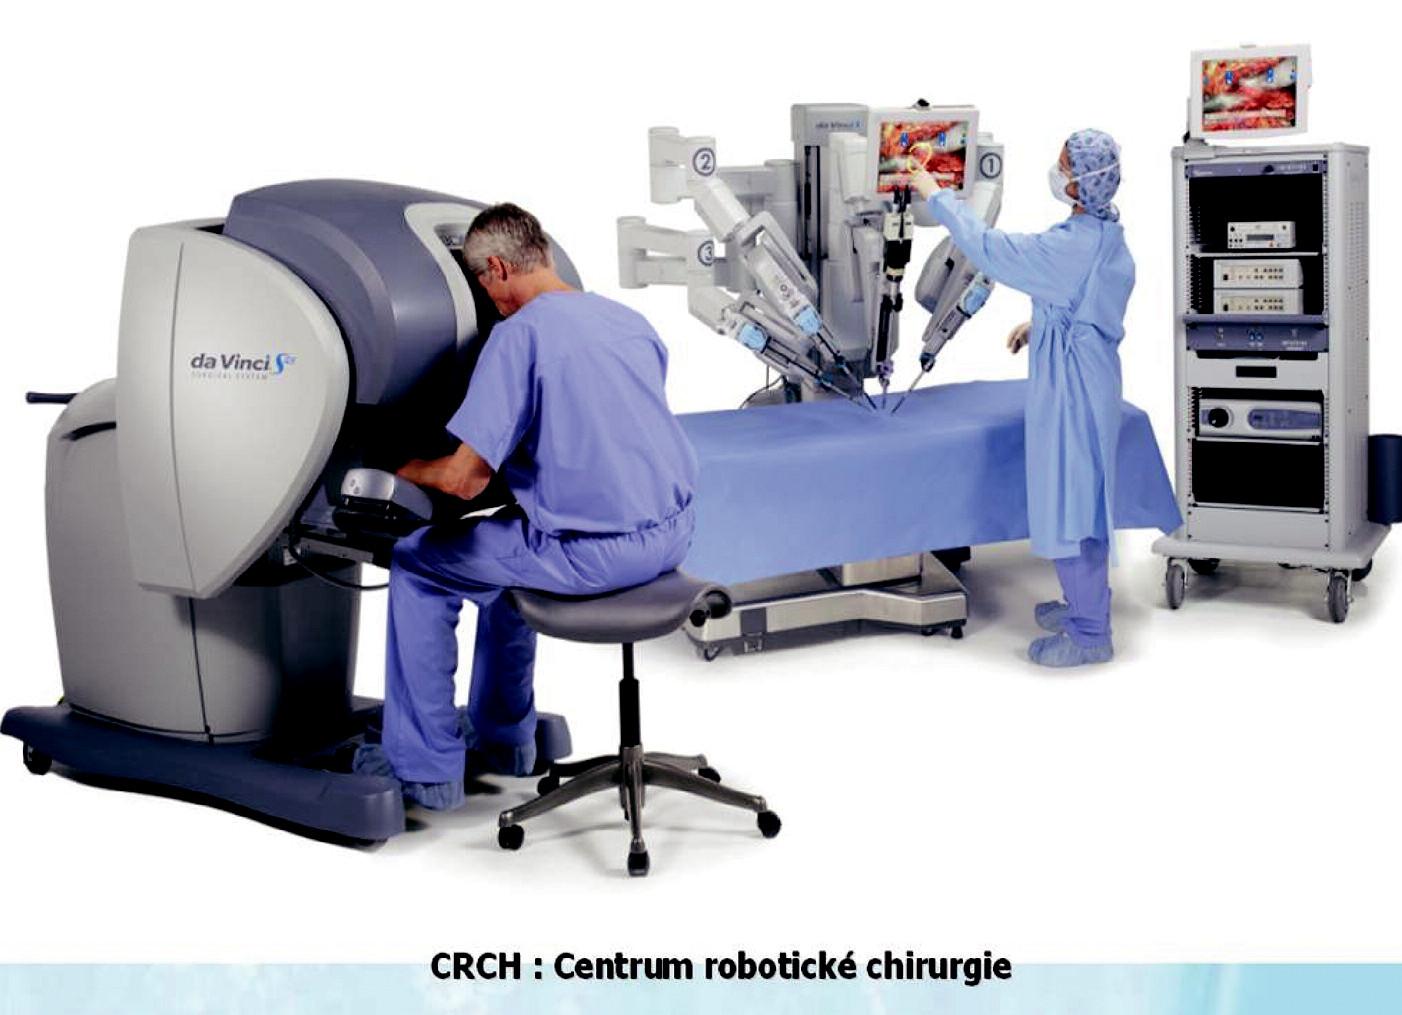 Jednotlivé hlavní komponenty robotického systému daVinci (Intuitive Surgical<sup>®</sup>, USA). Ovládací konzola robotického operatéra, pacientská konzola, přístrojová multifunkční sestava pro insuflaci kapnoperitonea, zdroj studeného světla, elektrokoagulační a odsávací jednotka atd. na operačním sále pro robotickou chirurgii.